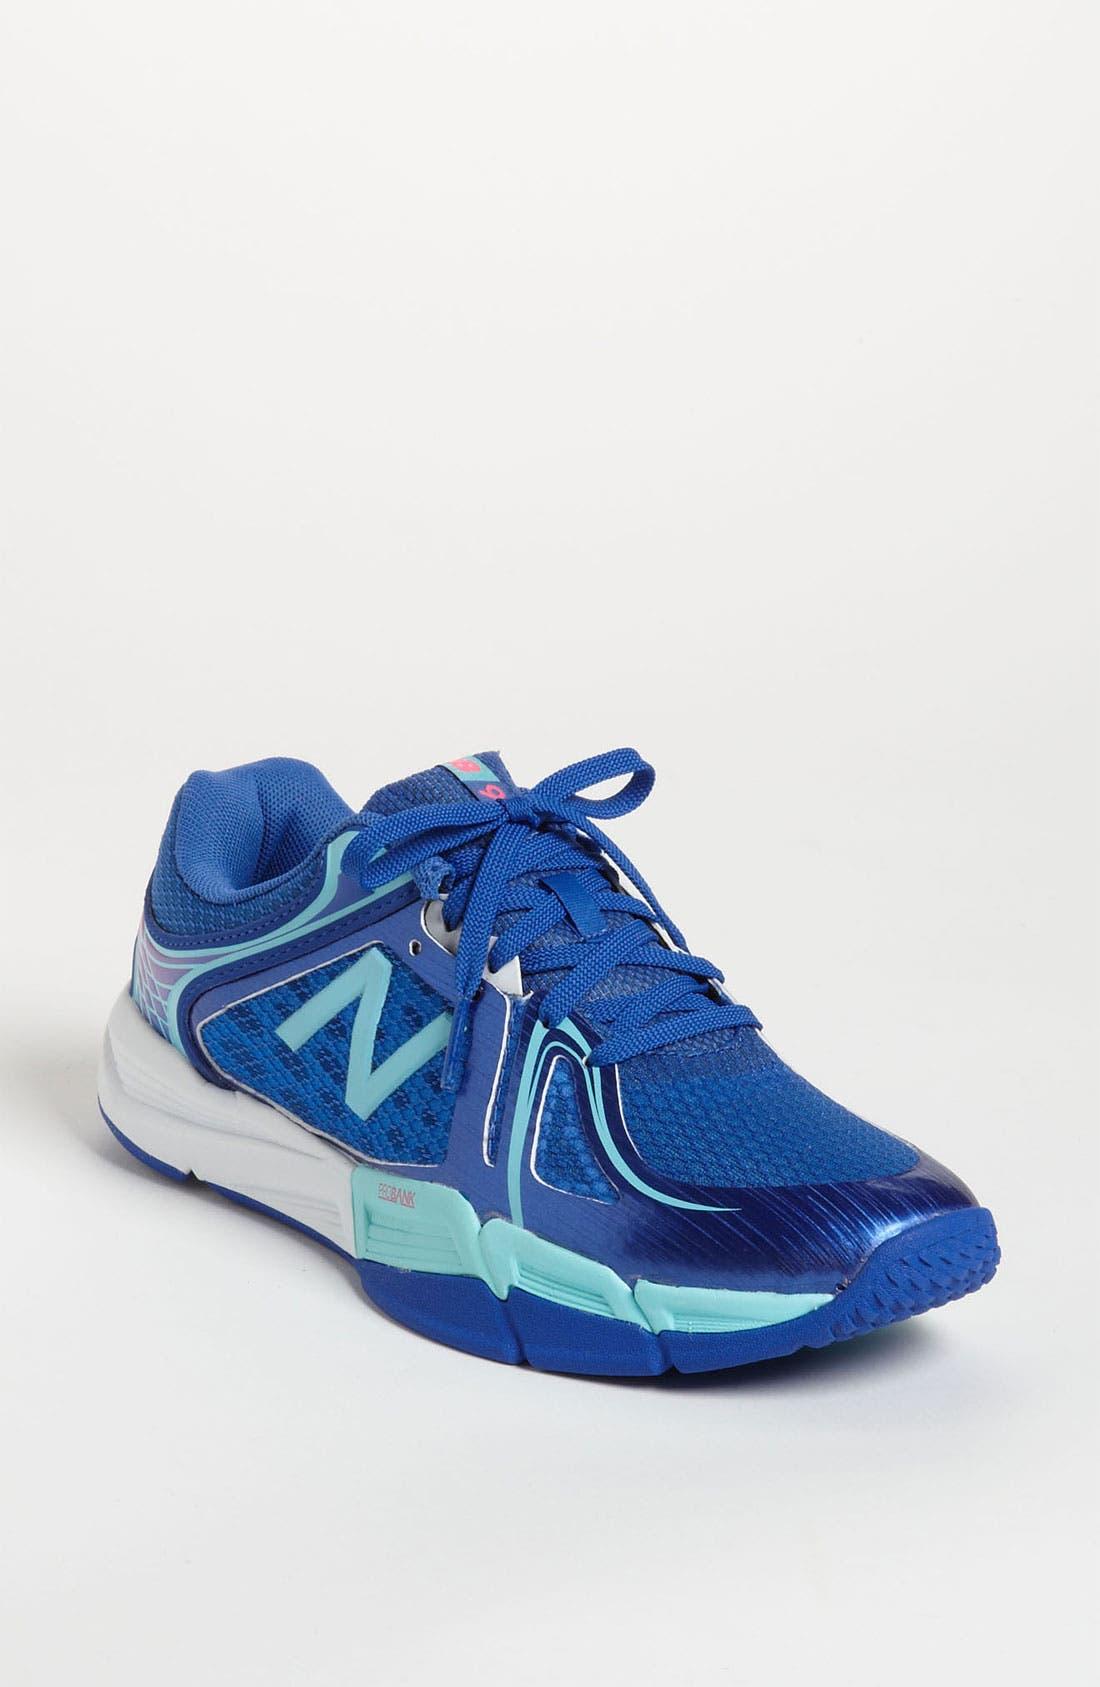 Main Image - New Balance 'Probank 997' Training Shoe